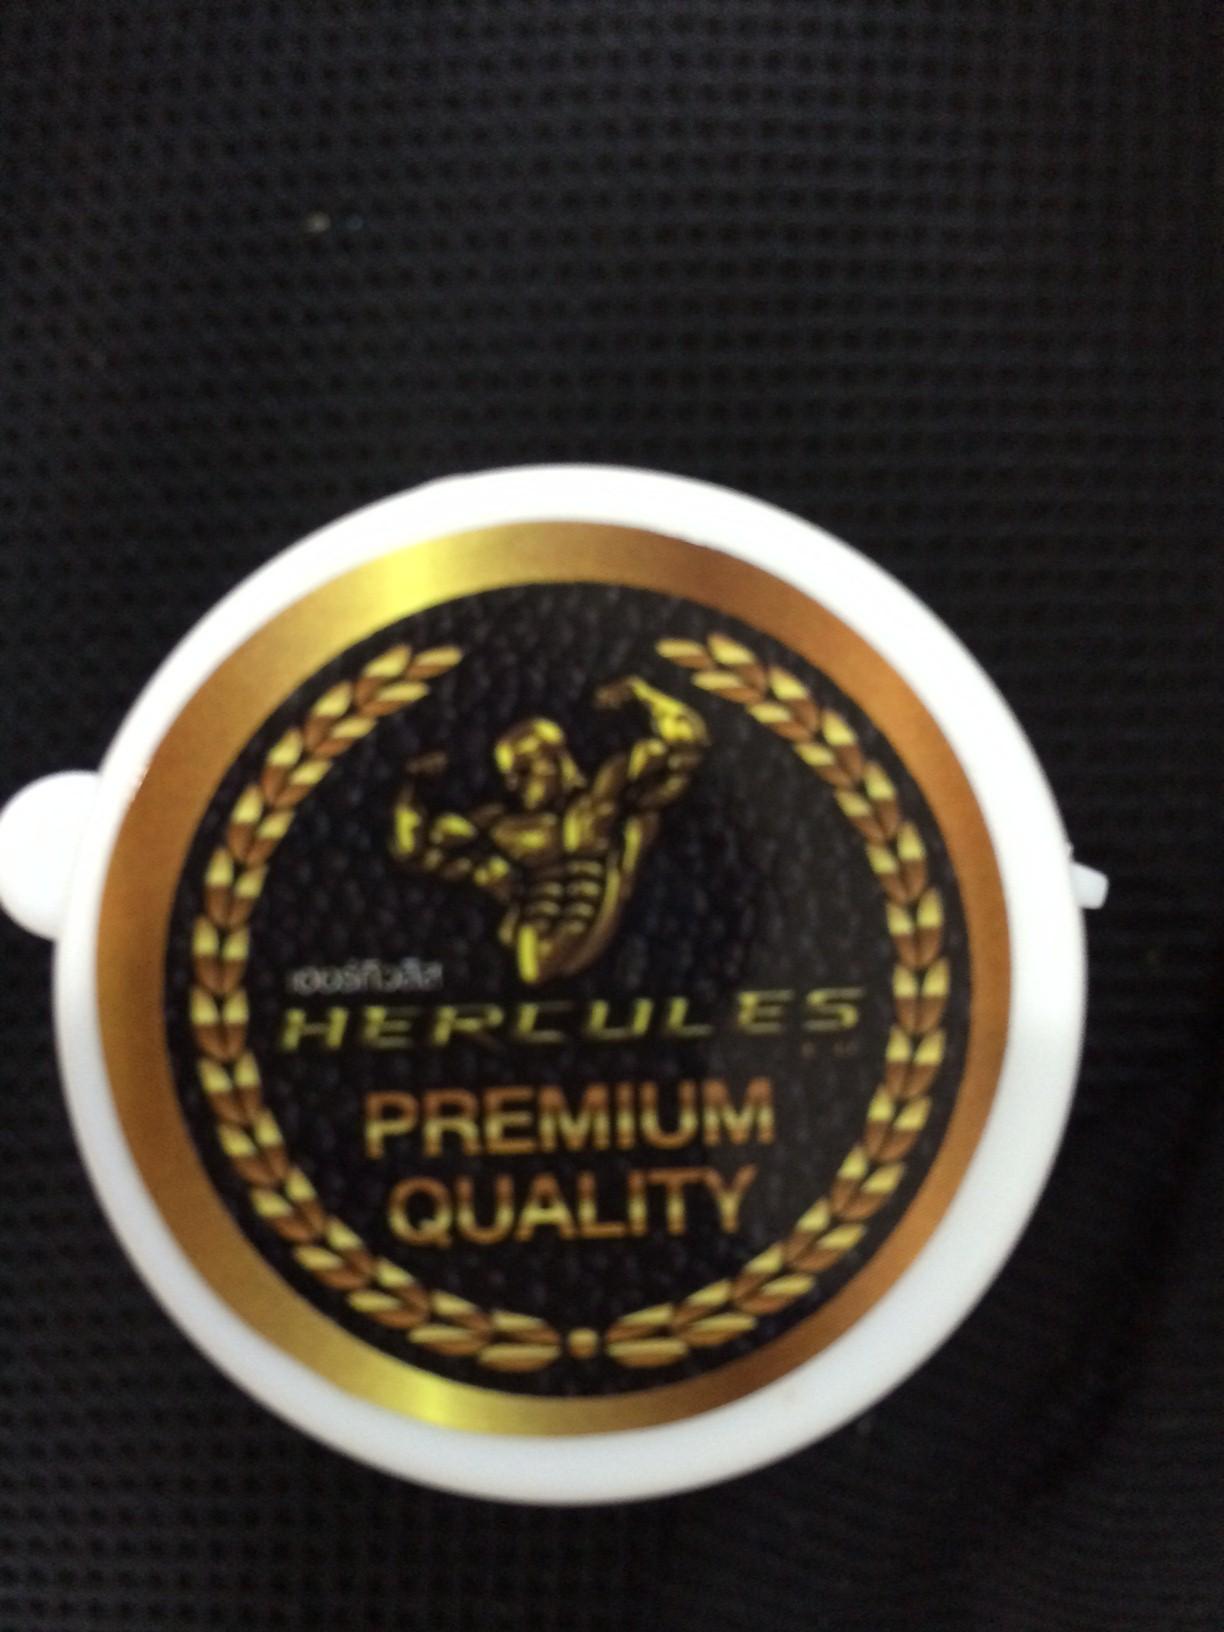 เฮอร์คิวลิส อาหารเสริม hercules อาหารเสริม เพิ่มขนาด ของแท้ราคาถูก ปลีก/ส่ง โทร 089-778-7338-088-222-4622 เอจ